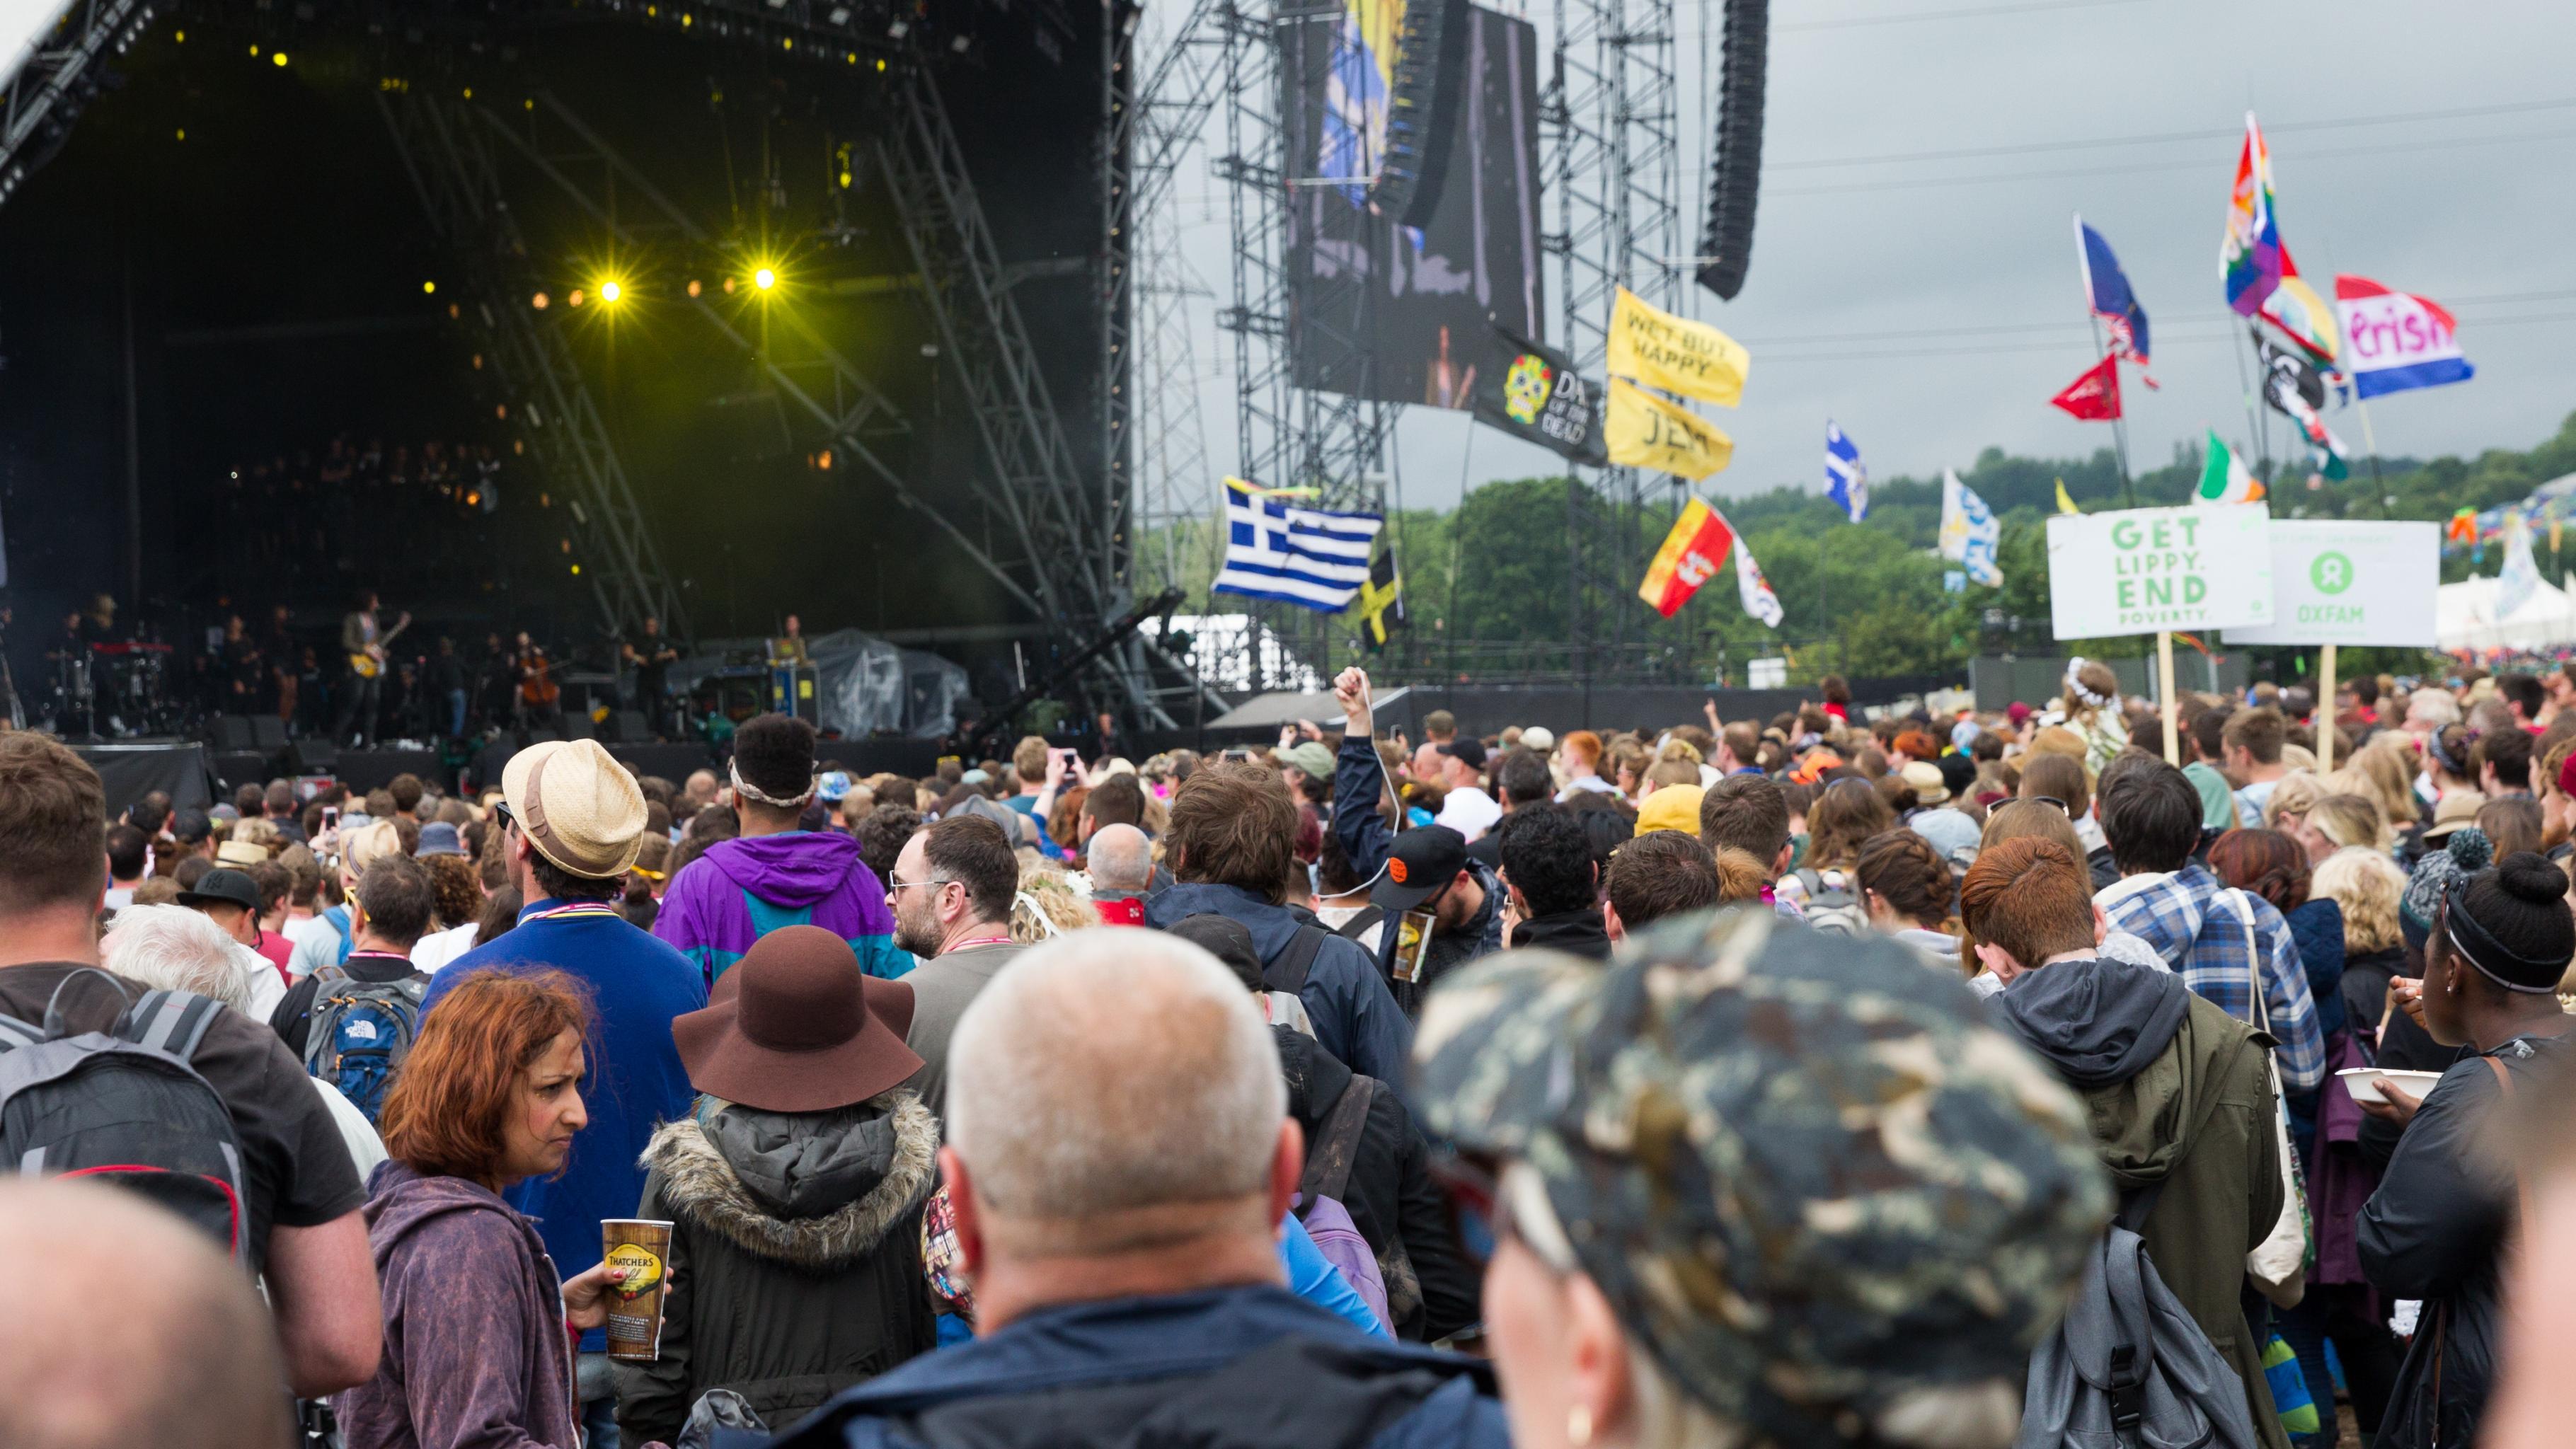 Blick aus dem Publikum zur Bühne beim Glastonbury-Festival